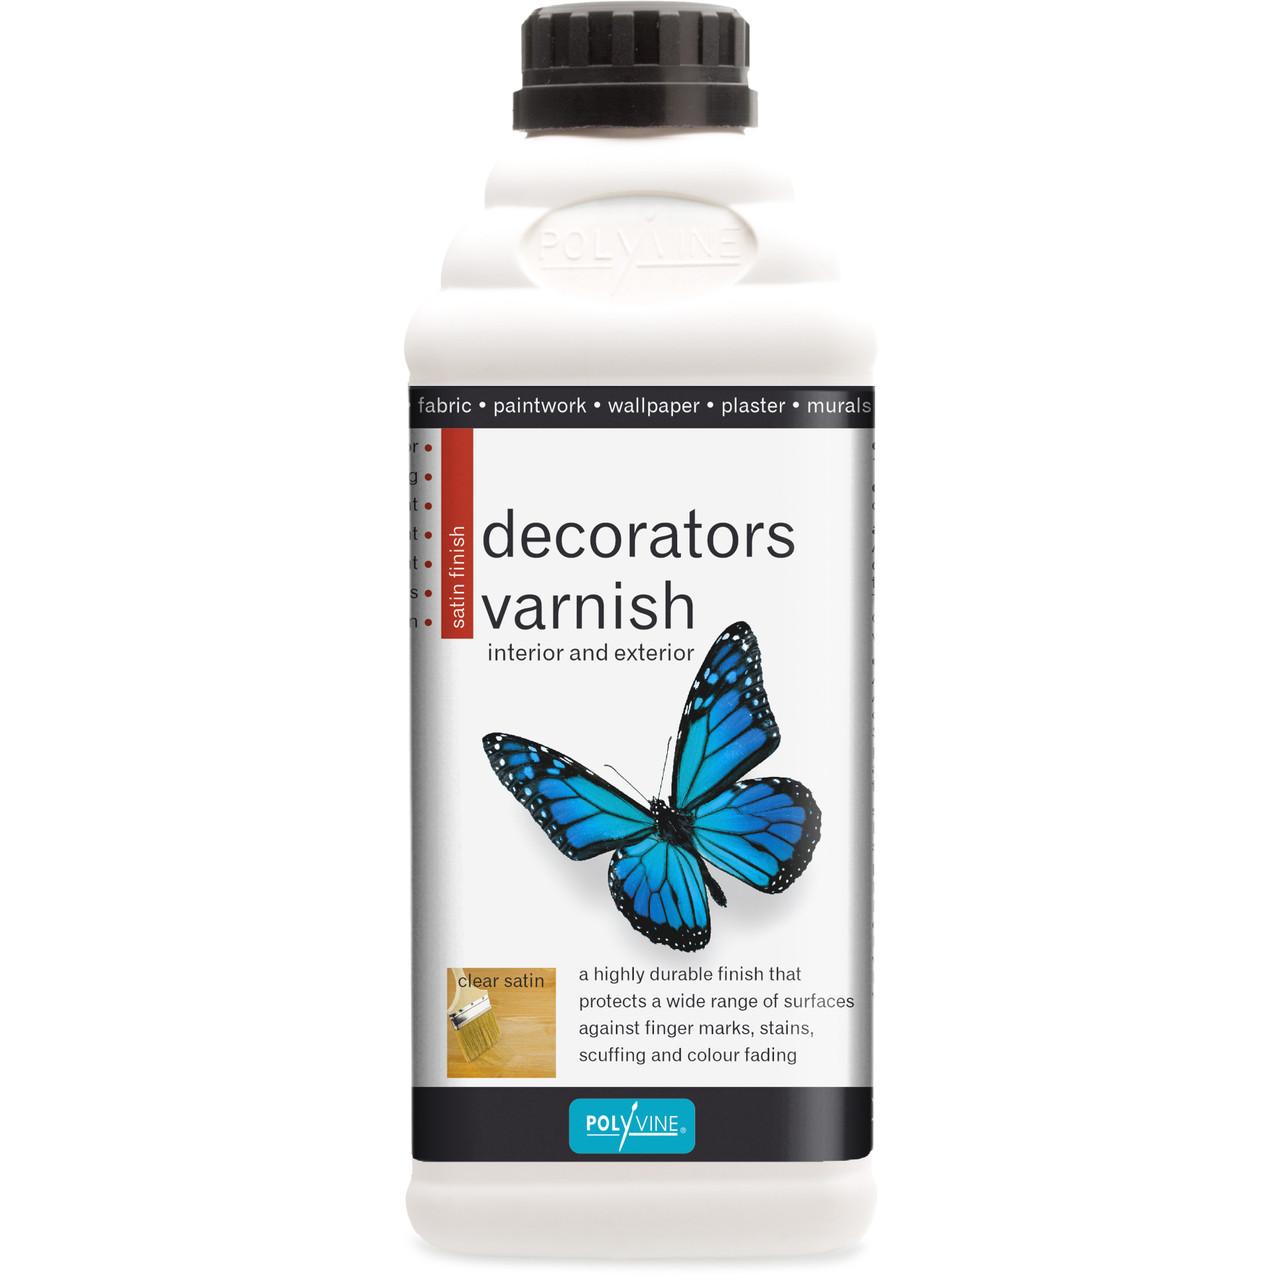 Polyvine Decorators Varnish Satin